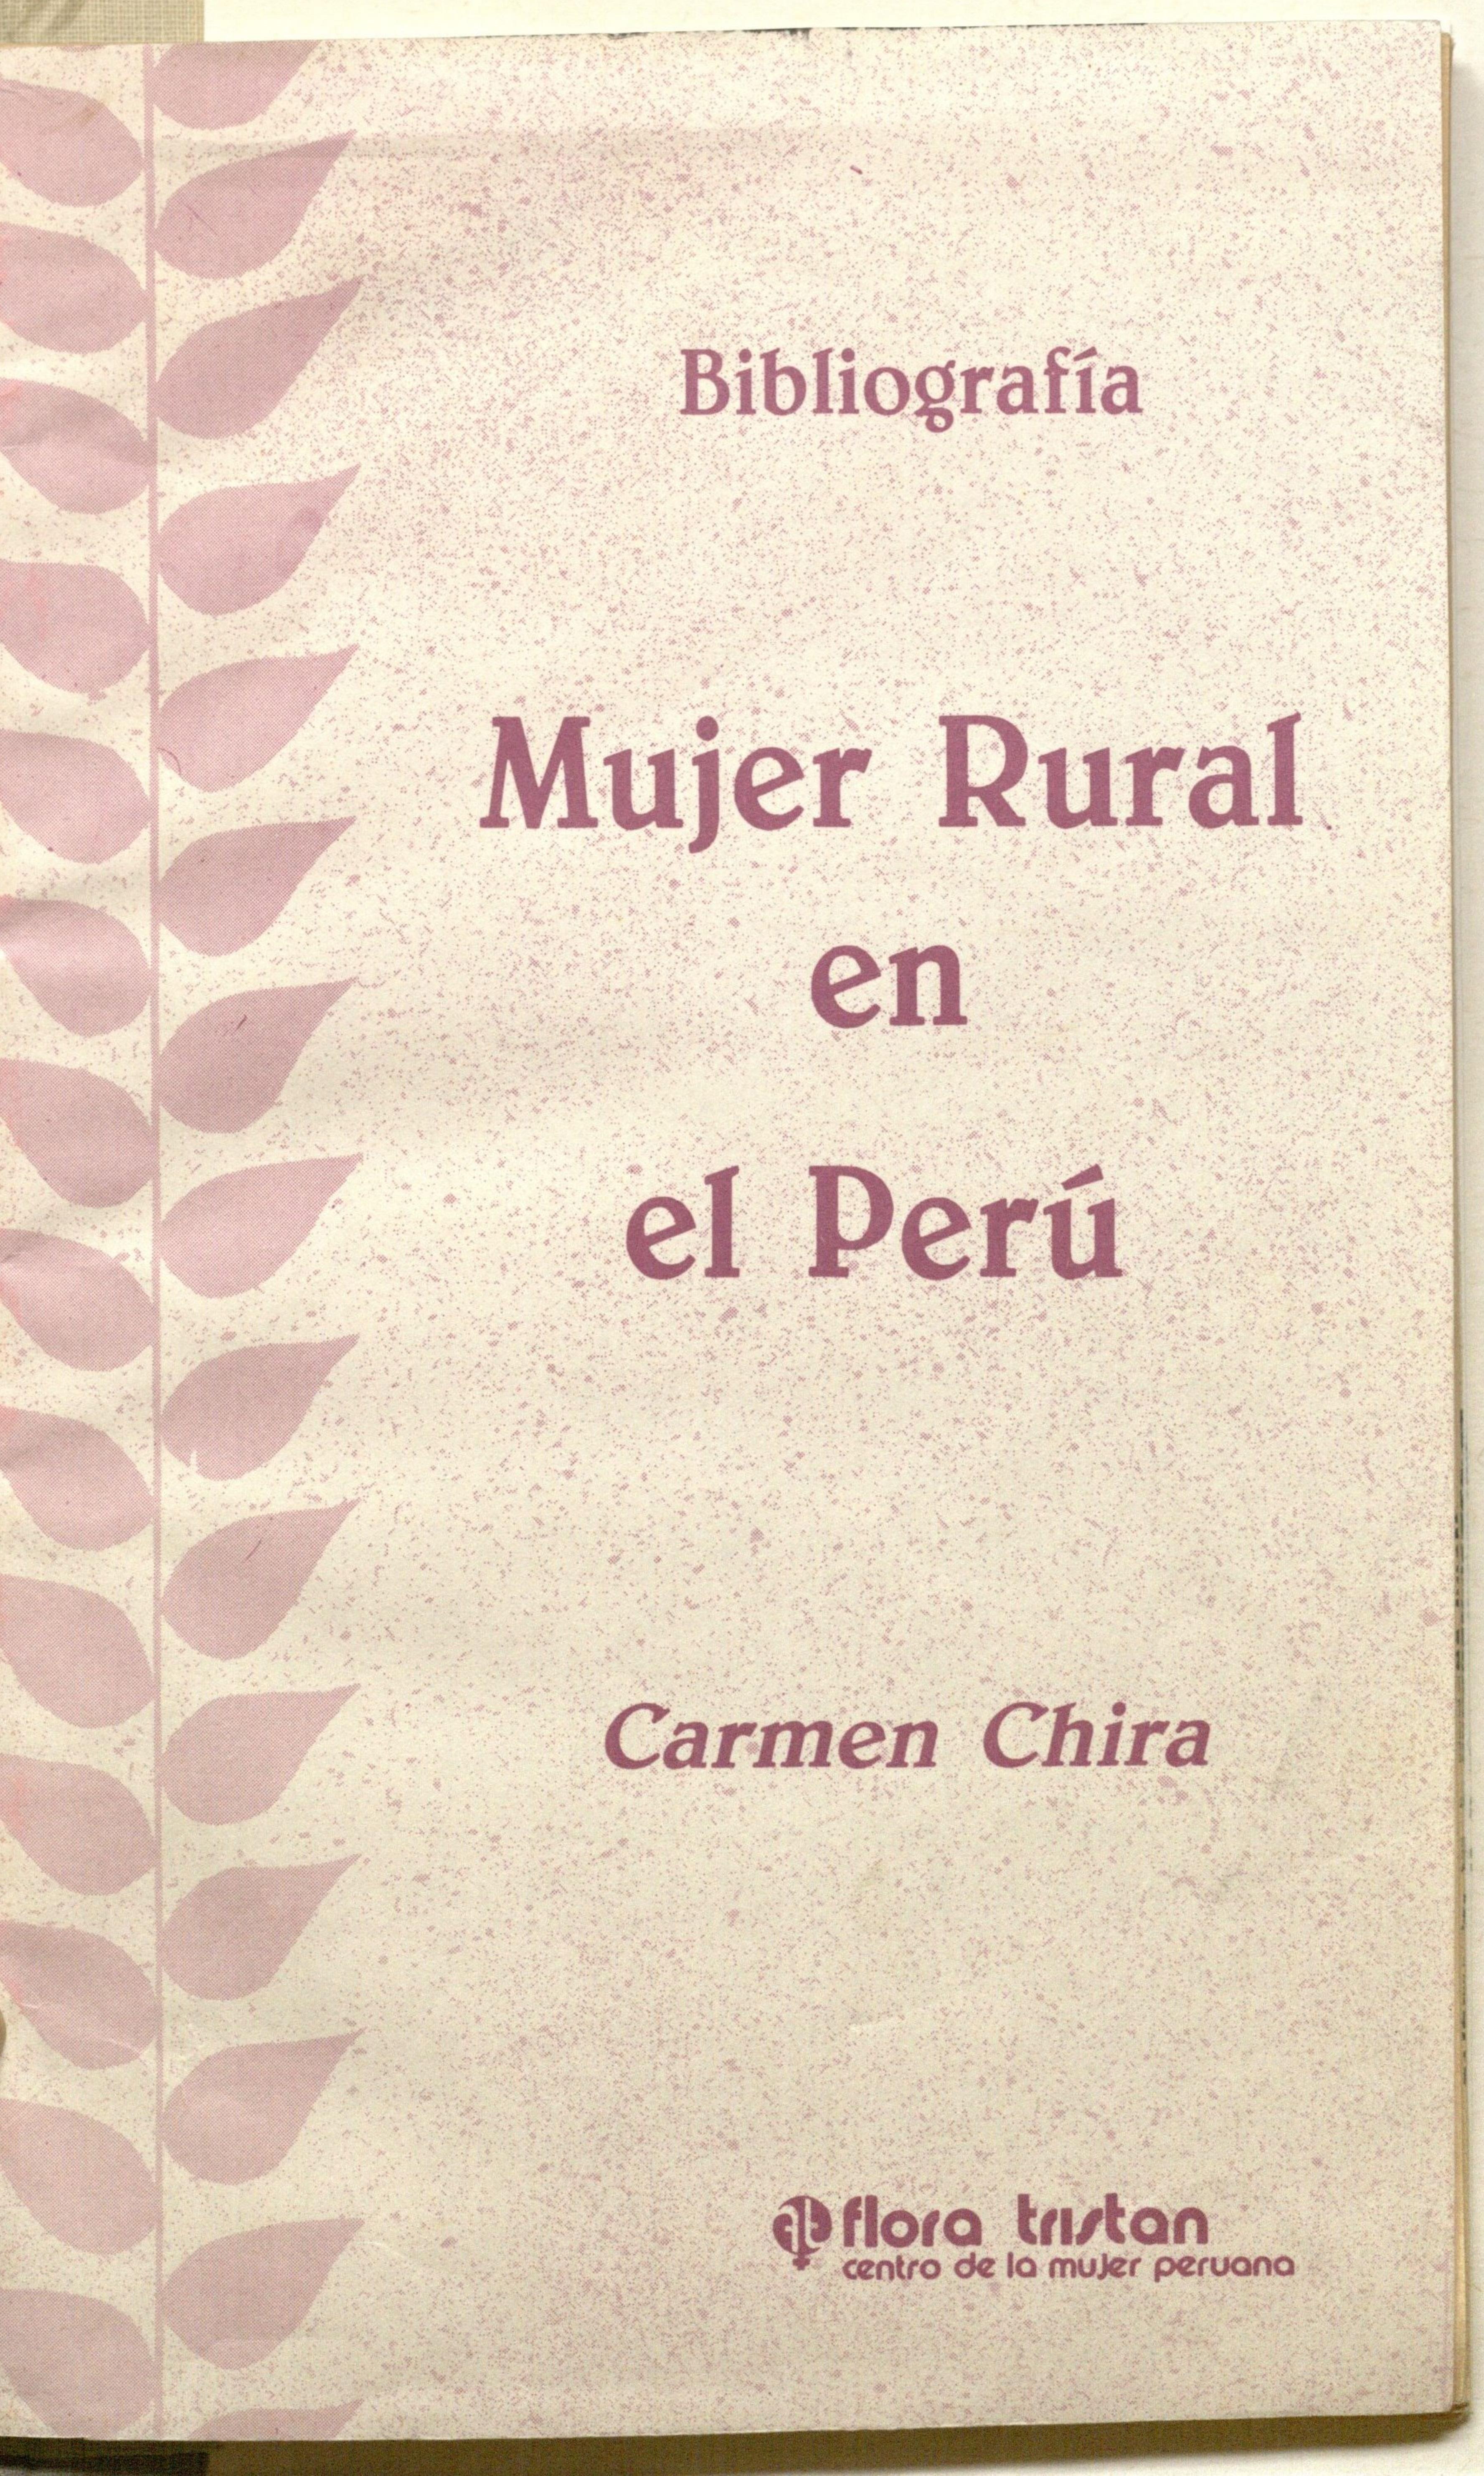 Mujer Andina En el Peru Image 1